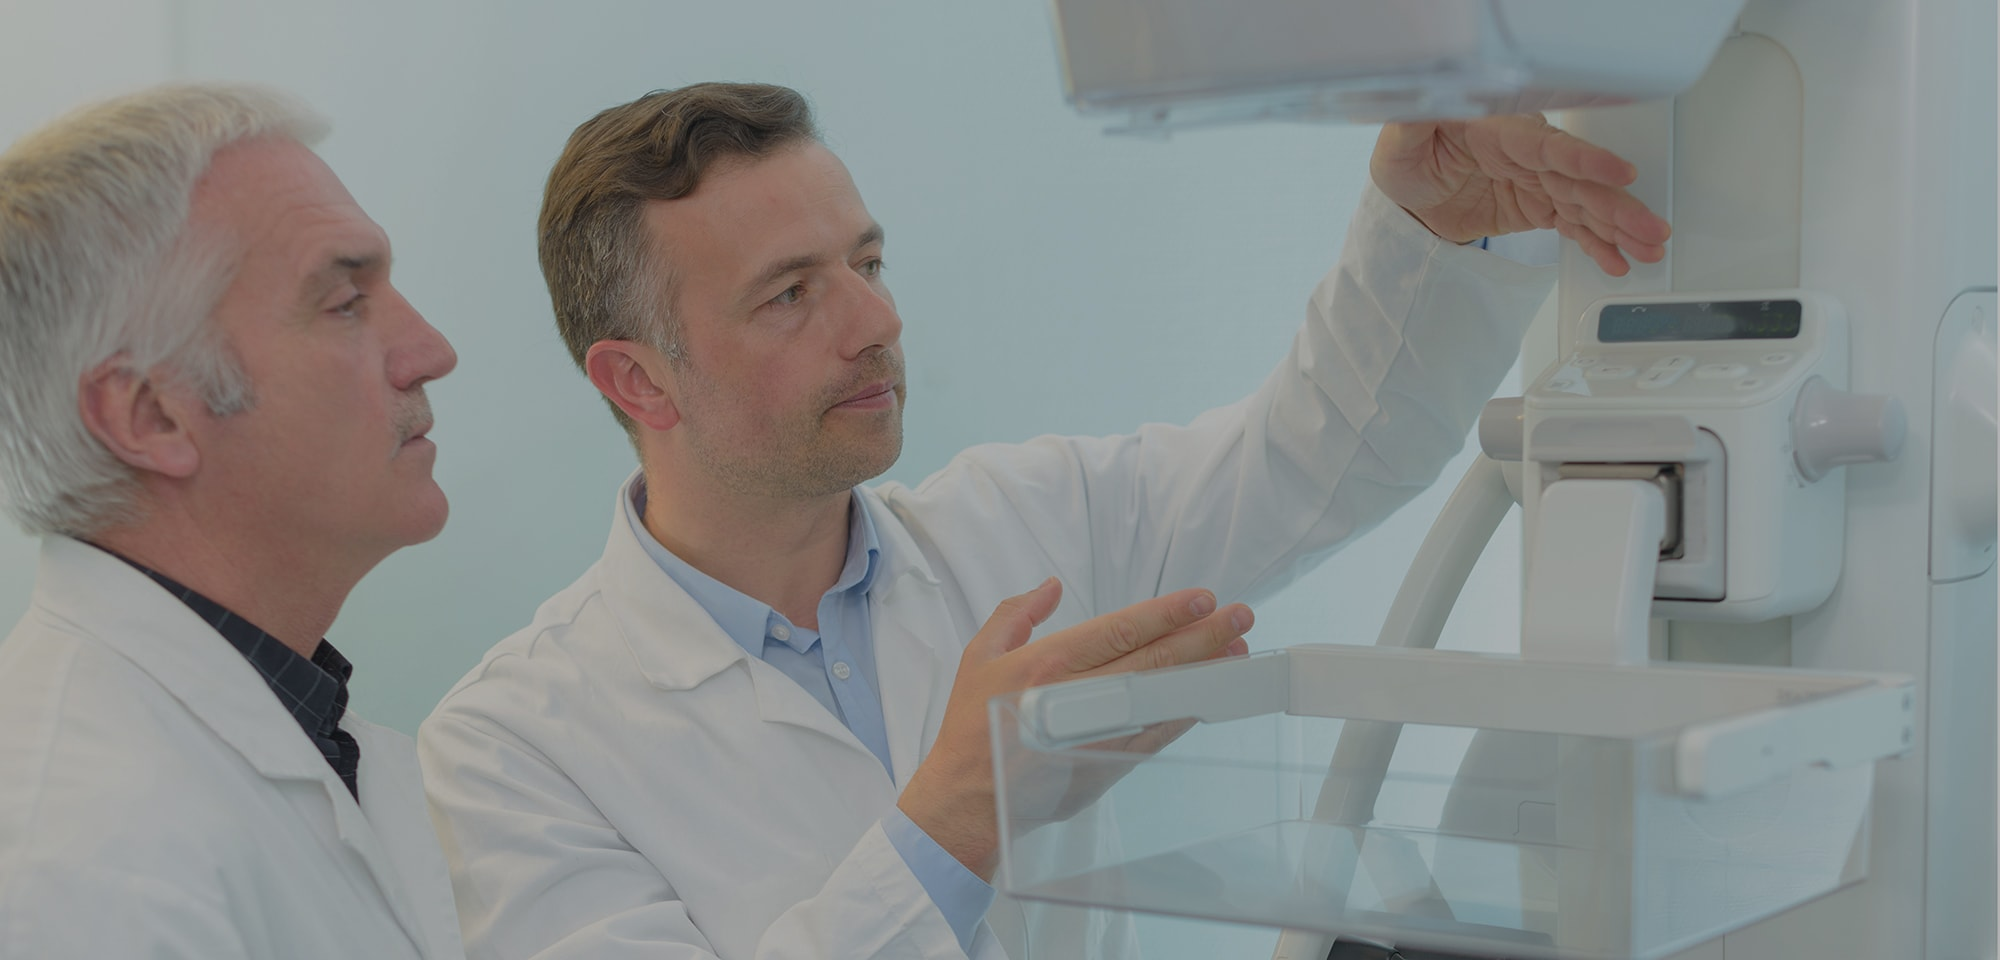 Aclin | Inovação em Gestão da Saúde